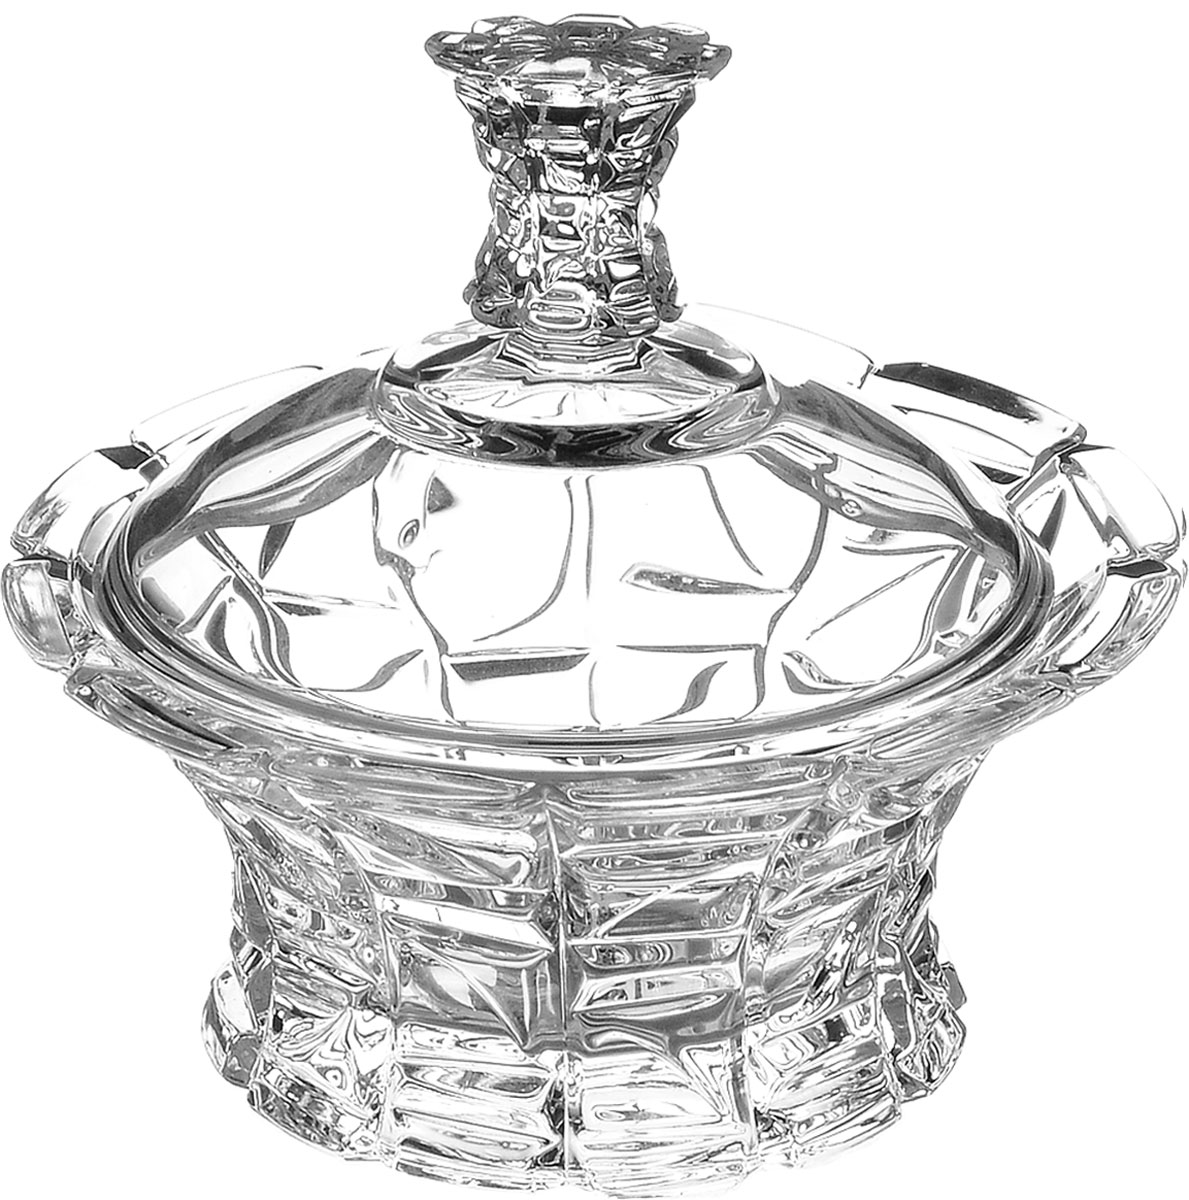 Конфетница Crystal Bohemia, с крышкой, диаметр 12,5 см54 009312Элегантная конфетница Crystal Bohemia выполнена из настоящего чешского хрусталя с содержанием 24% оксида свинца, что придает изделию поразительную прозрачность и чистоту, невероятный блеск, присущий только ювелирным изделиям, особое, ни с чем не сравнимое светопреломление и игру всеми красками спектра как при естественном, так и при искусственном освещении.Изделие предназначено для подачи сладостей (конфет, сахара, меда, изюма, орехов и многого другого). Она придает легкость, воздушность сервировке стола и создаст особую атмосферу праздника. Конфетница Crystal Bohemia не только украсит ваш кухонный стол и подчеркнет прекрасный вкус хозяина, но и станет отличным подарком для ваших близких и друзей. Диаметр конфетницы (по верхнему краю): 12,5 см.Высота конфетницы (с учетом крышки): 11,5 см.